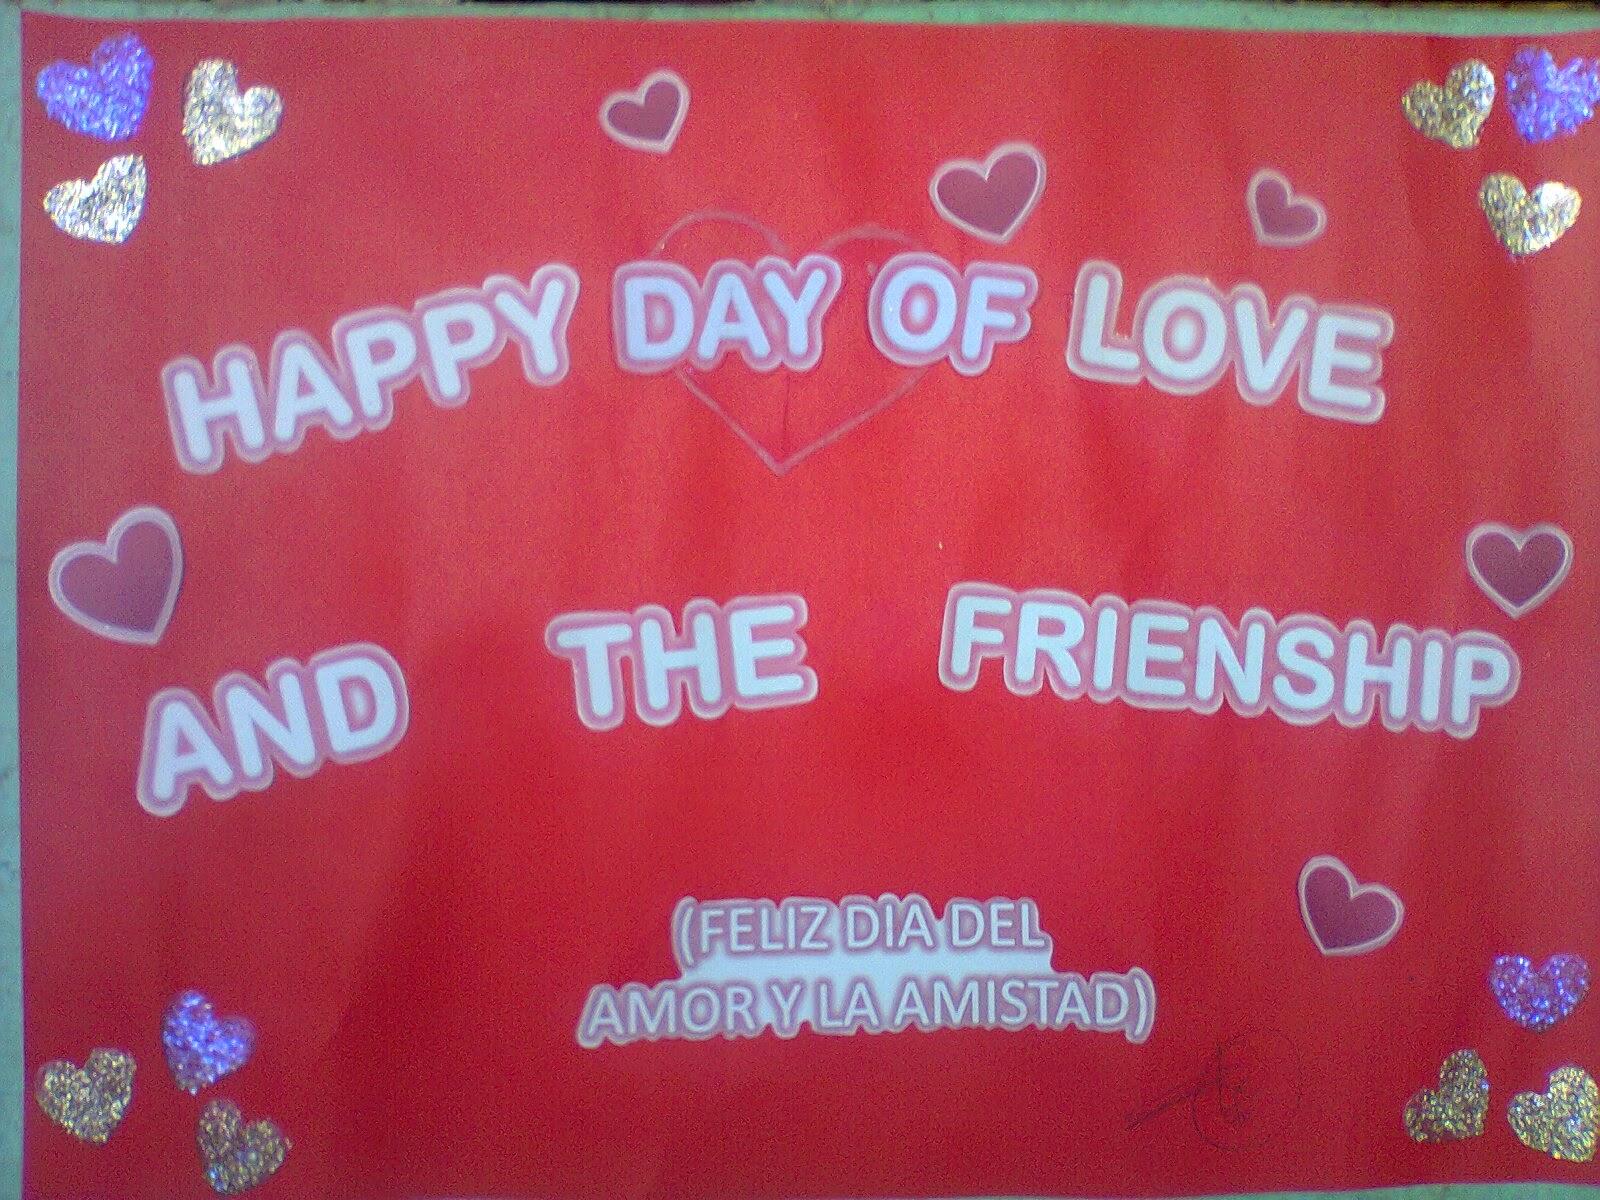 Presentaci³n de frases del amor y la amistad en inglés y espa±ol en carteles de la clase de inglés II con se±o Nolfa